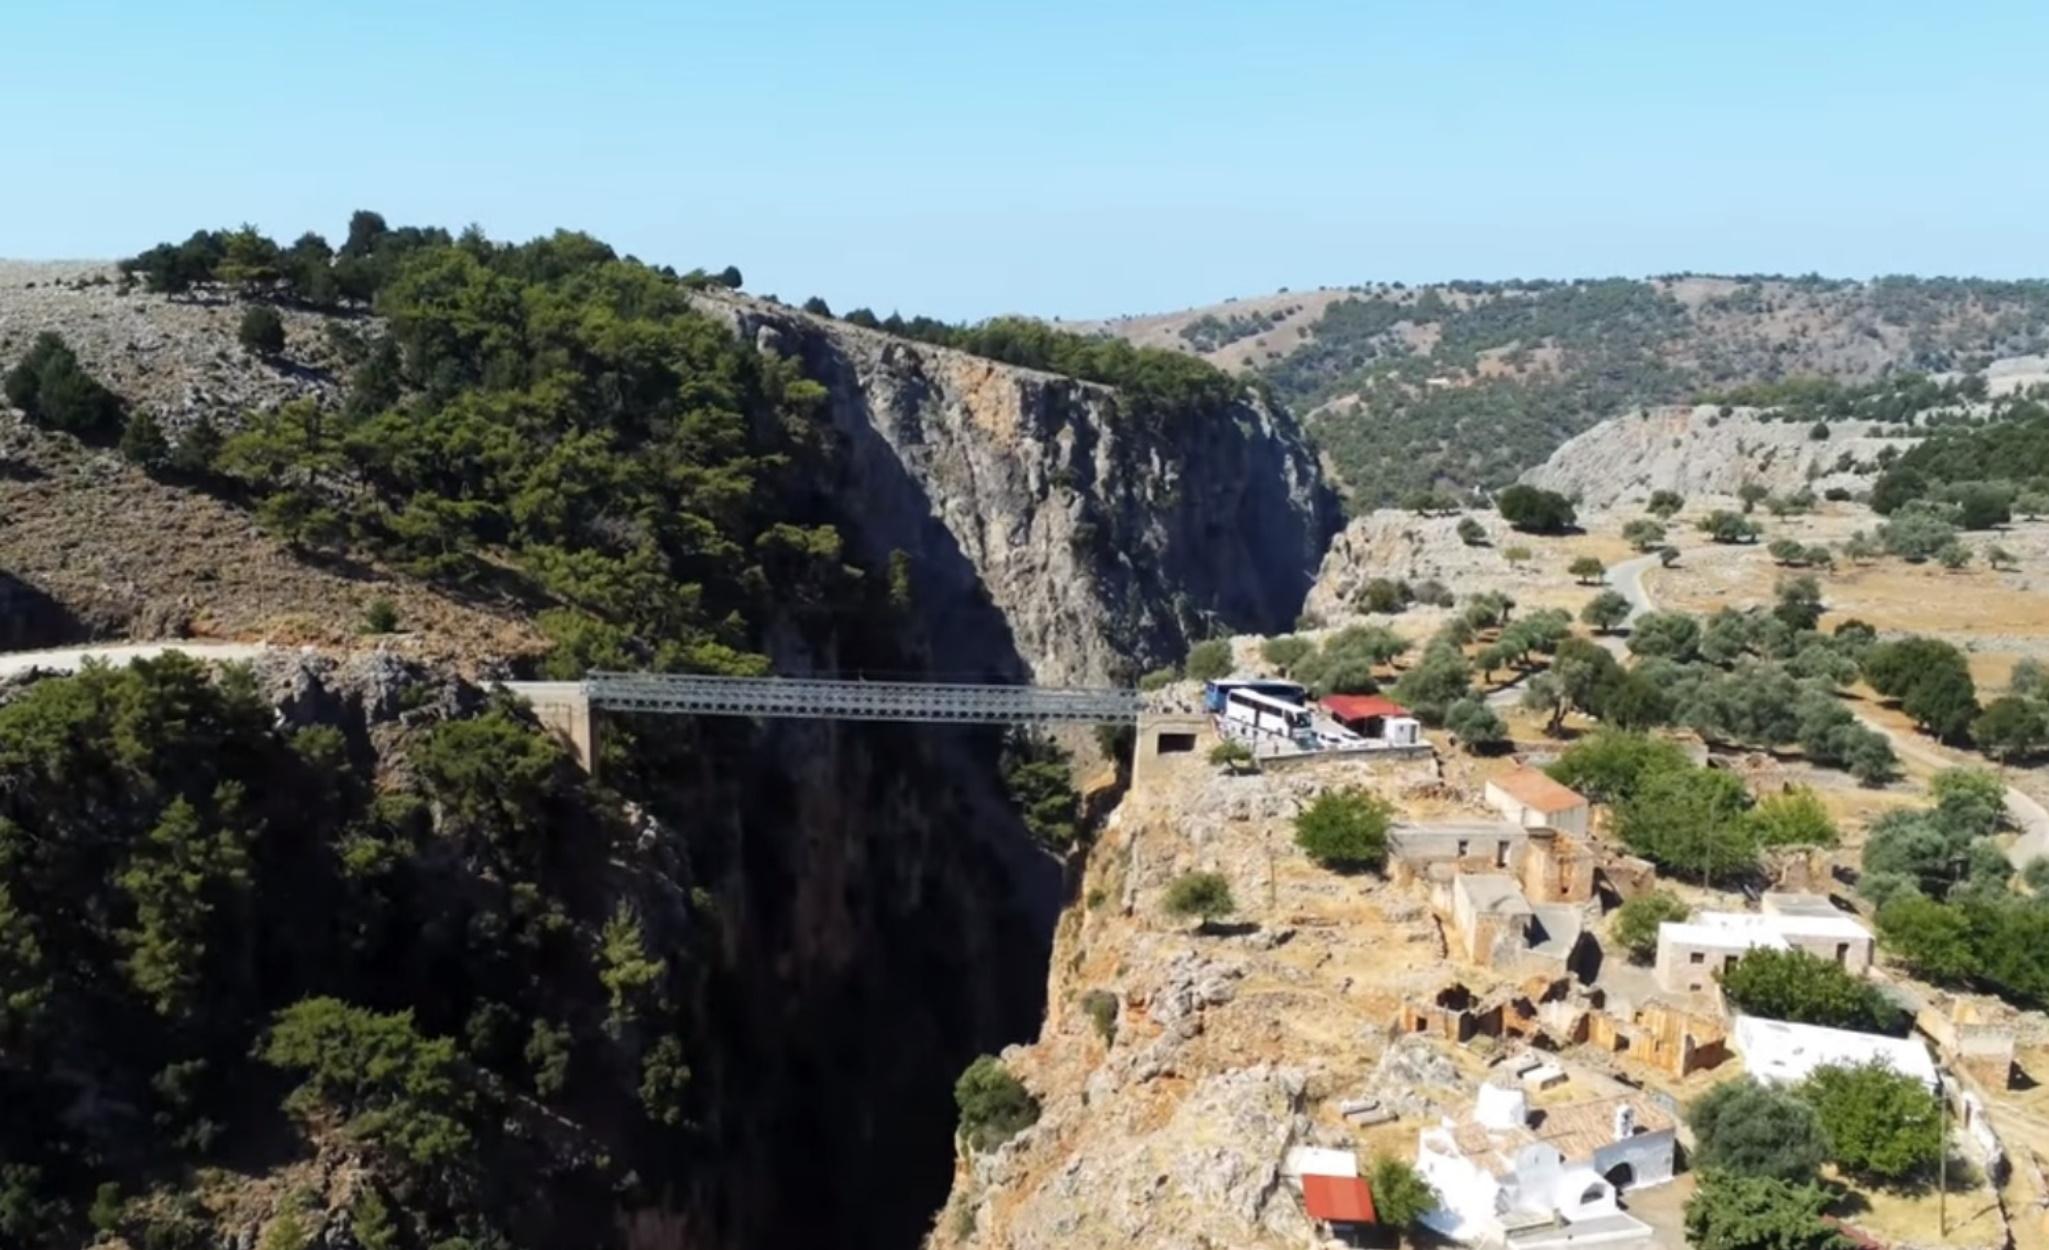 Το ελληνικό χωριό που βρίσκεται στο χείλος του γκρεμού